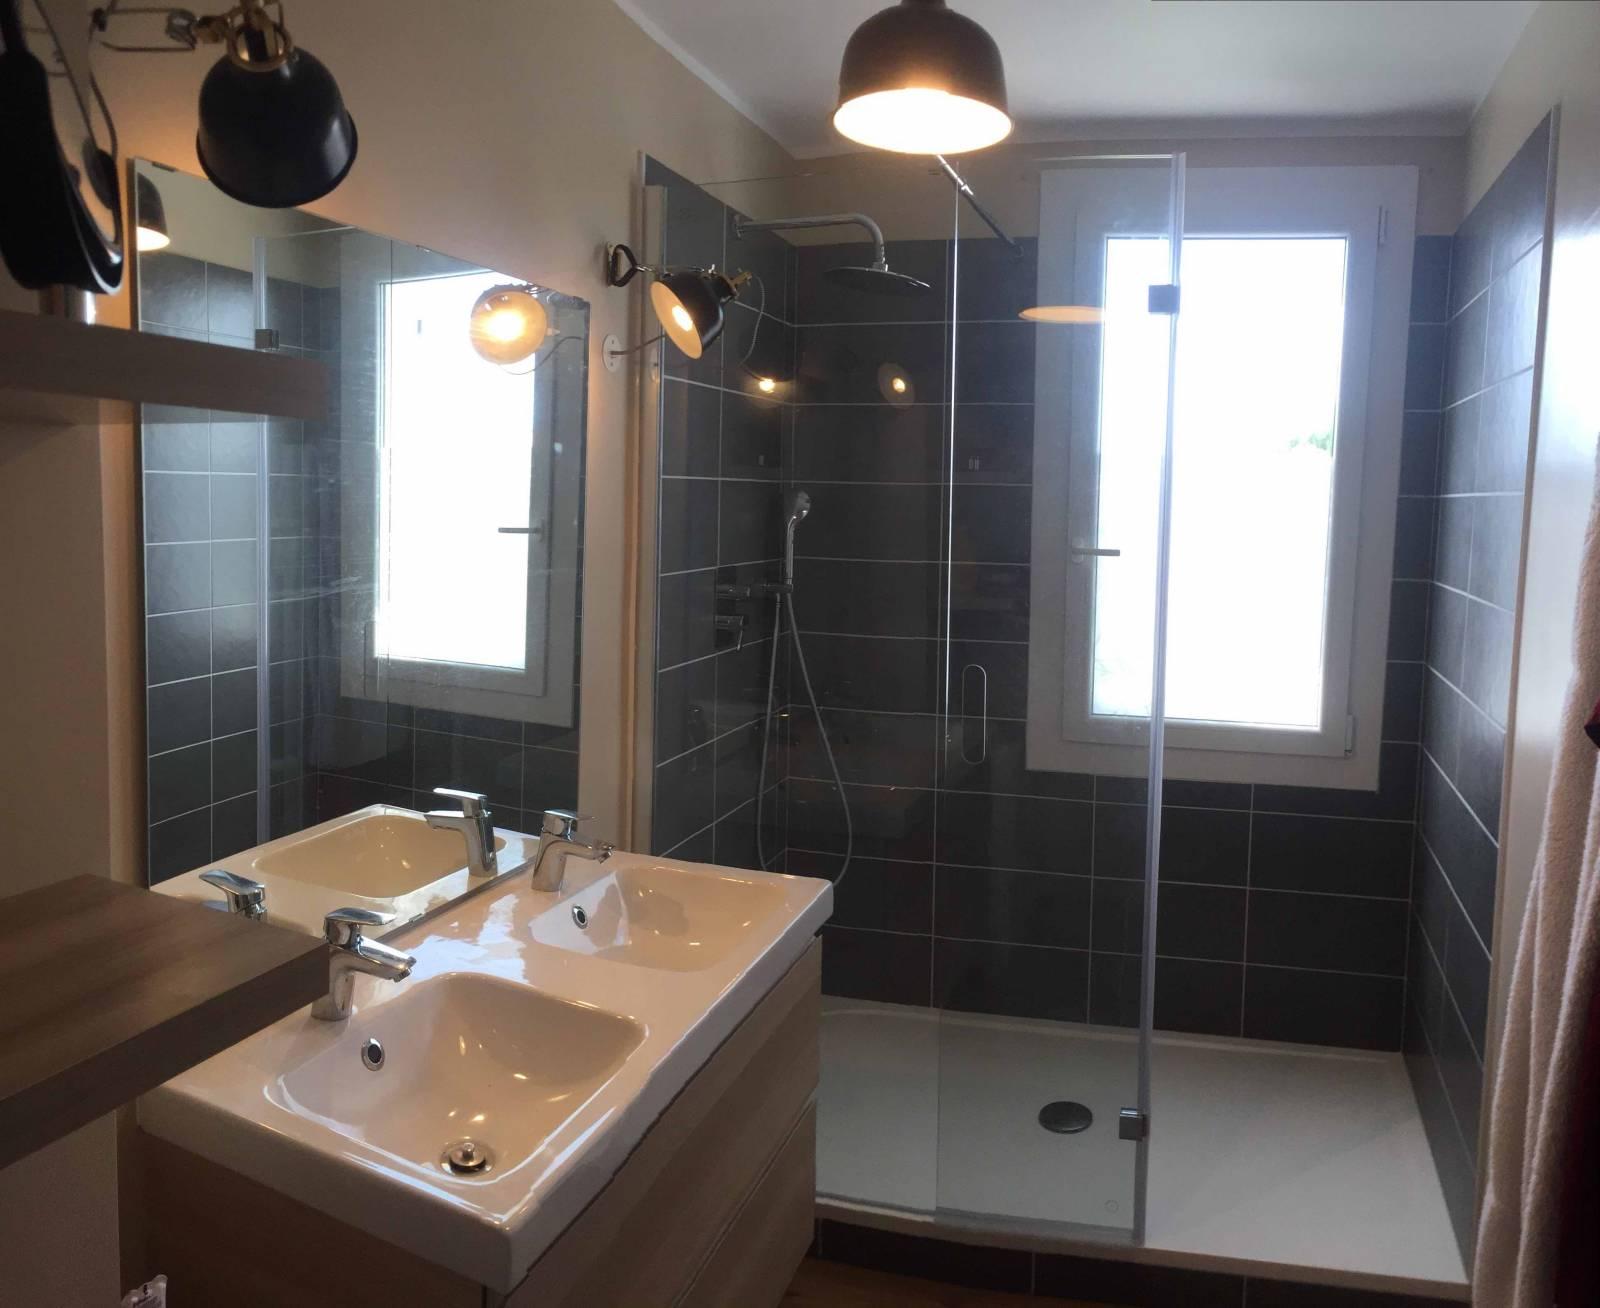 Architecte int rieur r novation salle de bains dans une maison sur la fare les oliviers agence mrc - Salle de bain architecte d interieur ...